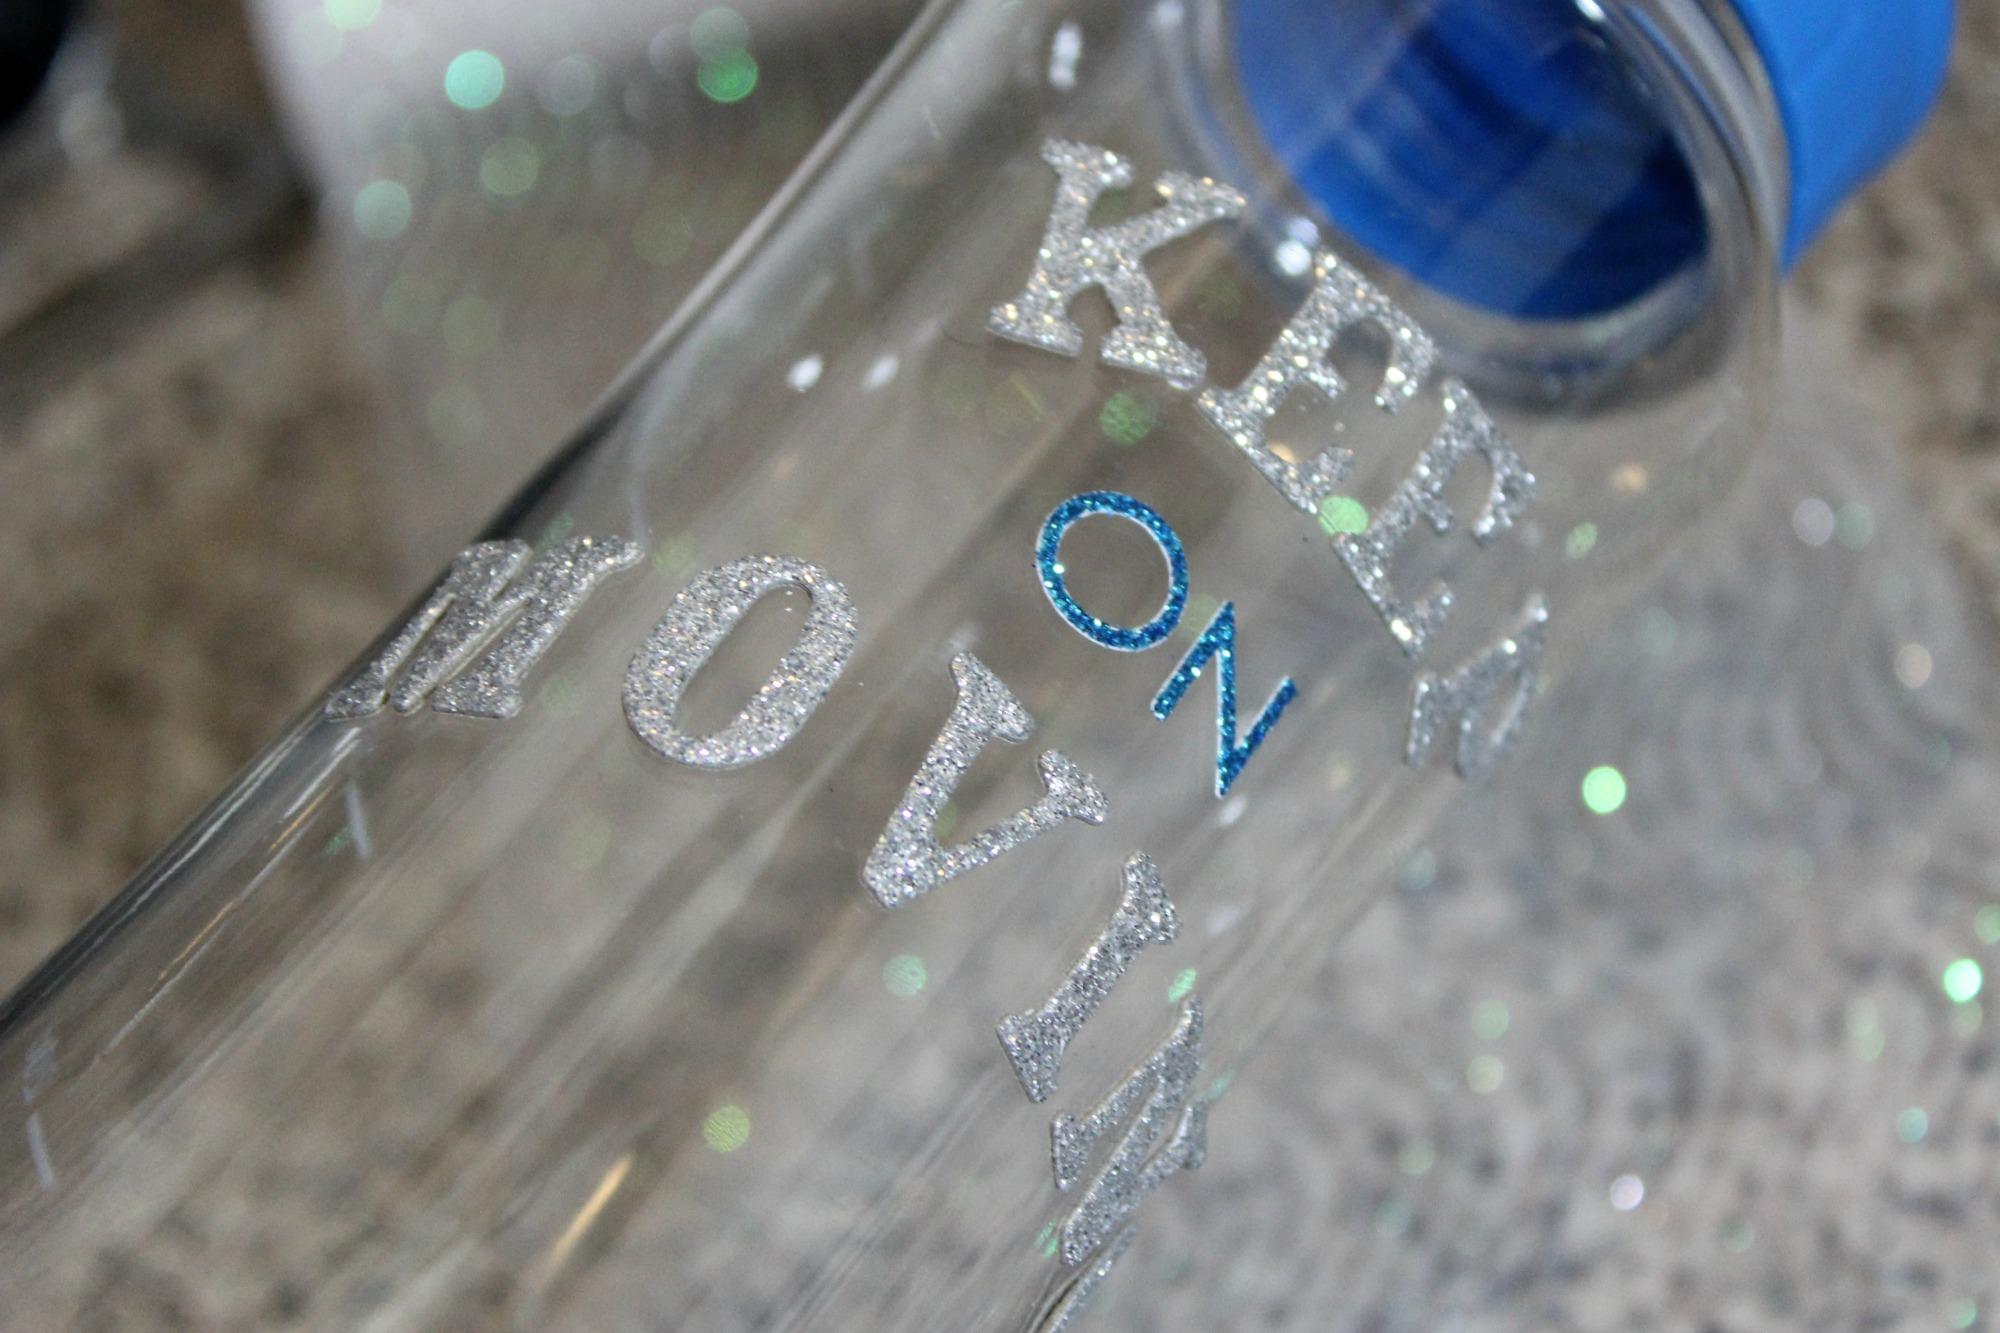 motivational-waterbottle